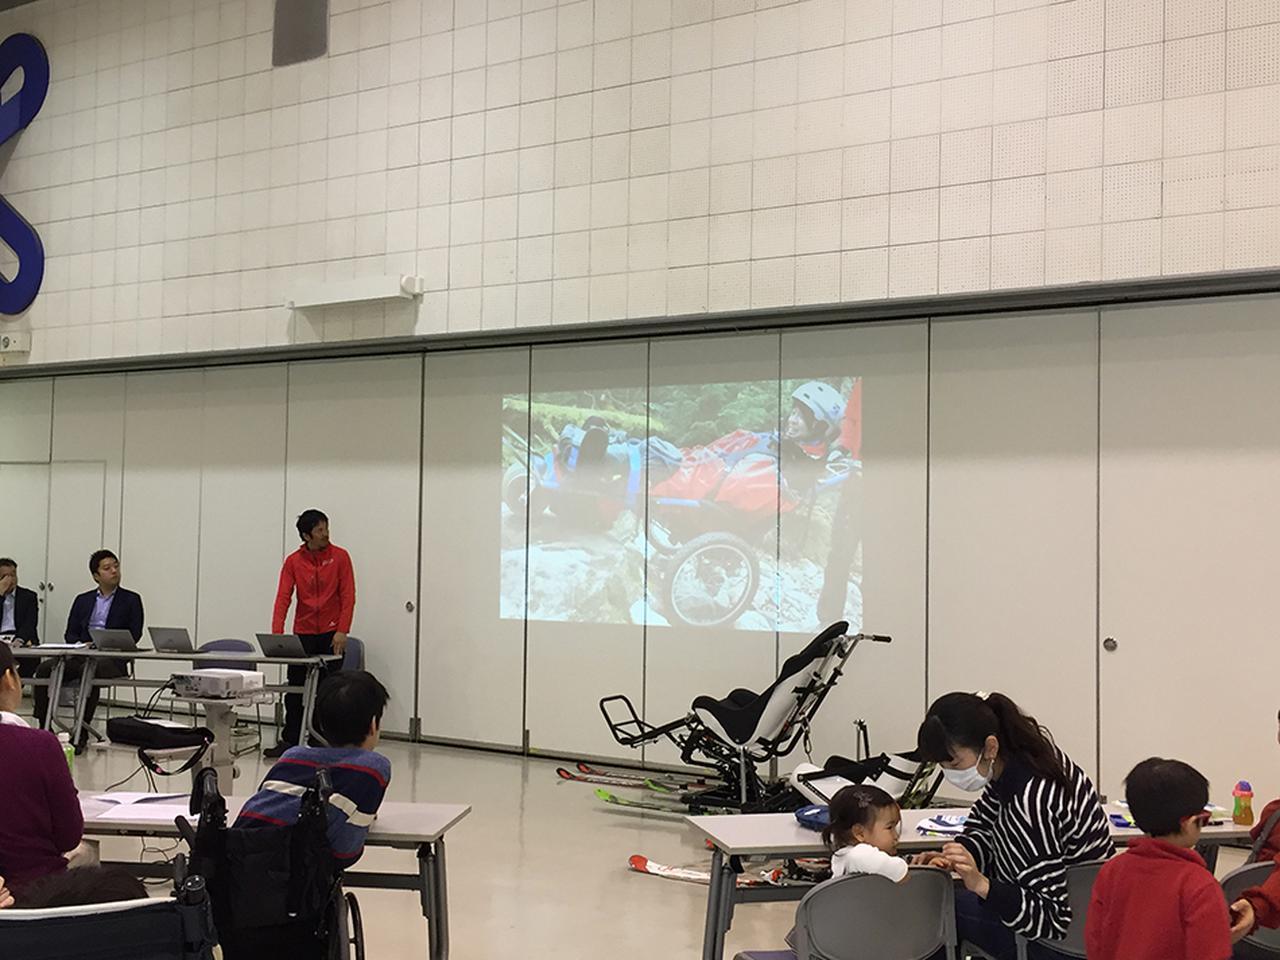 画像: 事前説明会でata Allianceの方が車いすで楽しめる山・海でのアクティビティを紹介しながら話していた「限界をつくらないで!」という言葉が佐藤さんの胸に響いた